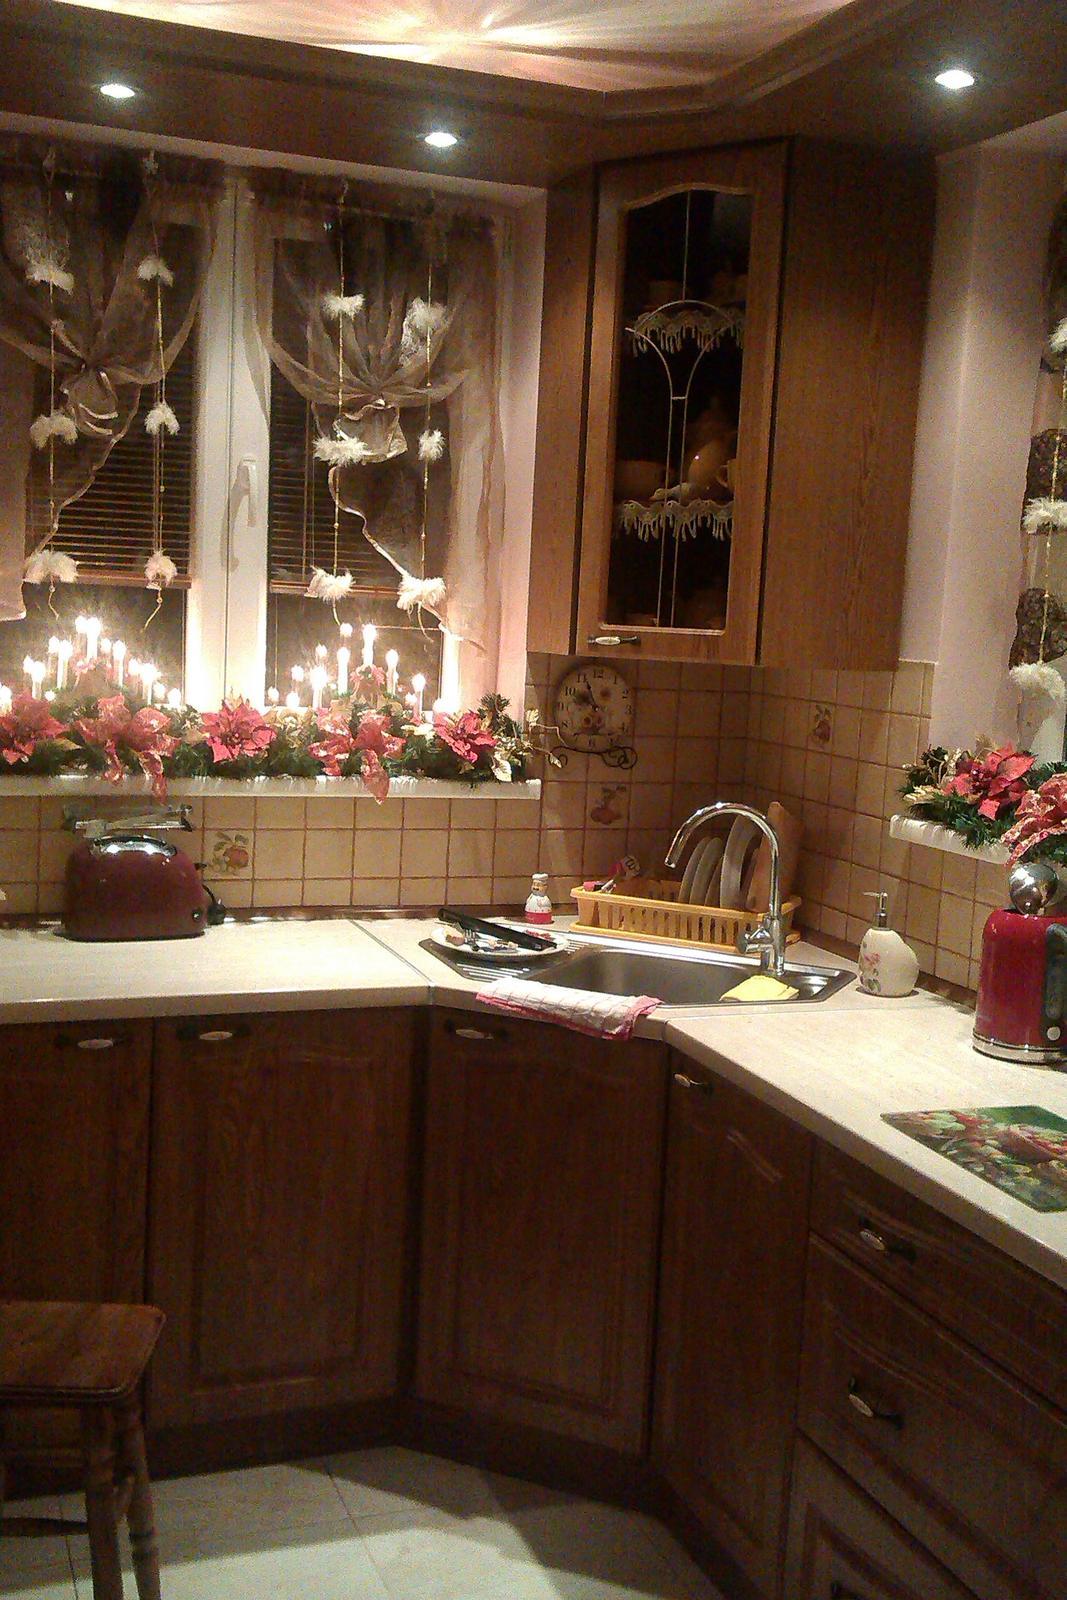 Piate vianoce v dome - Obrázok č. 119